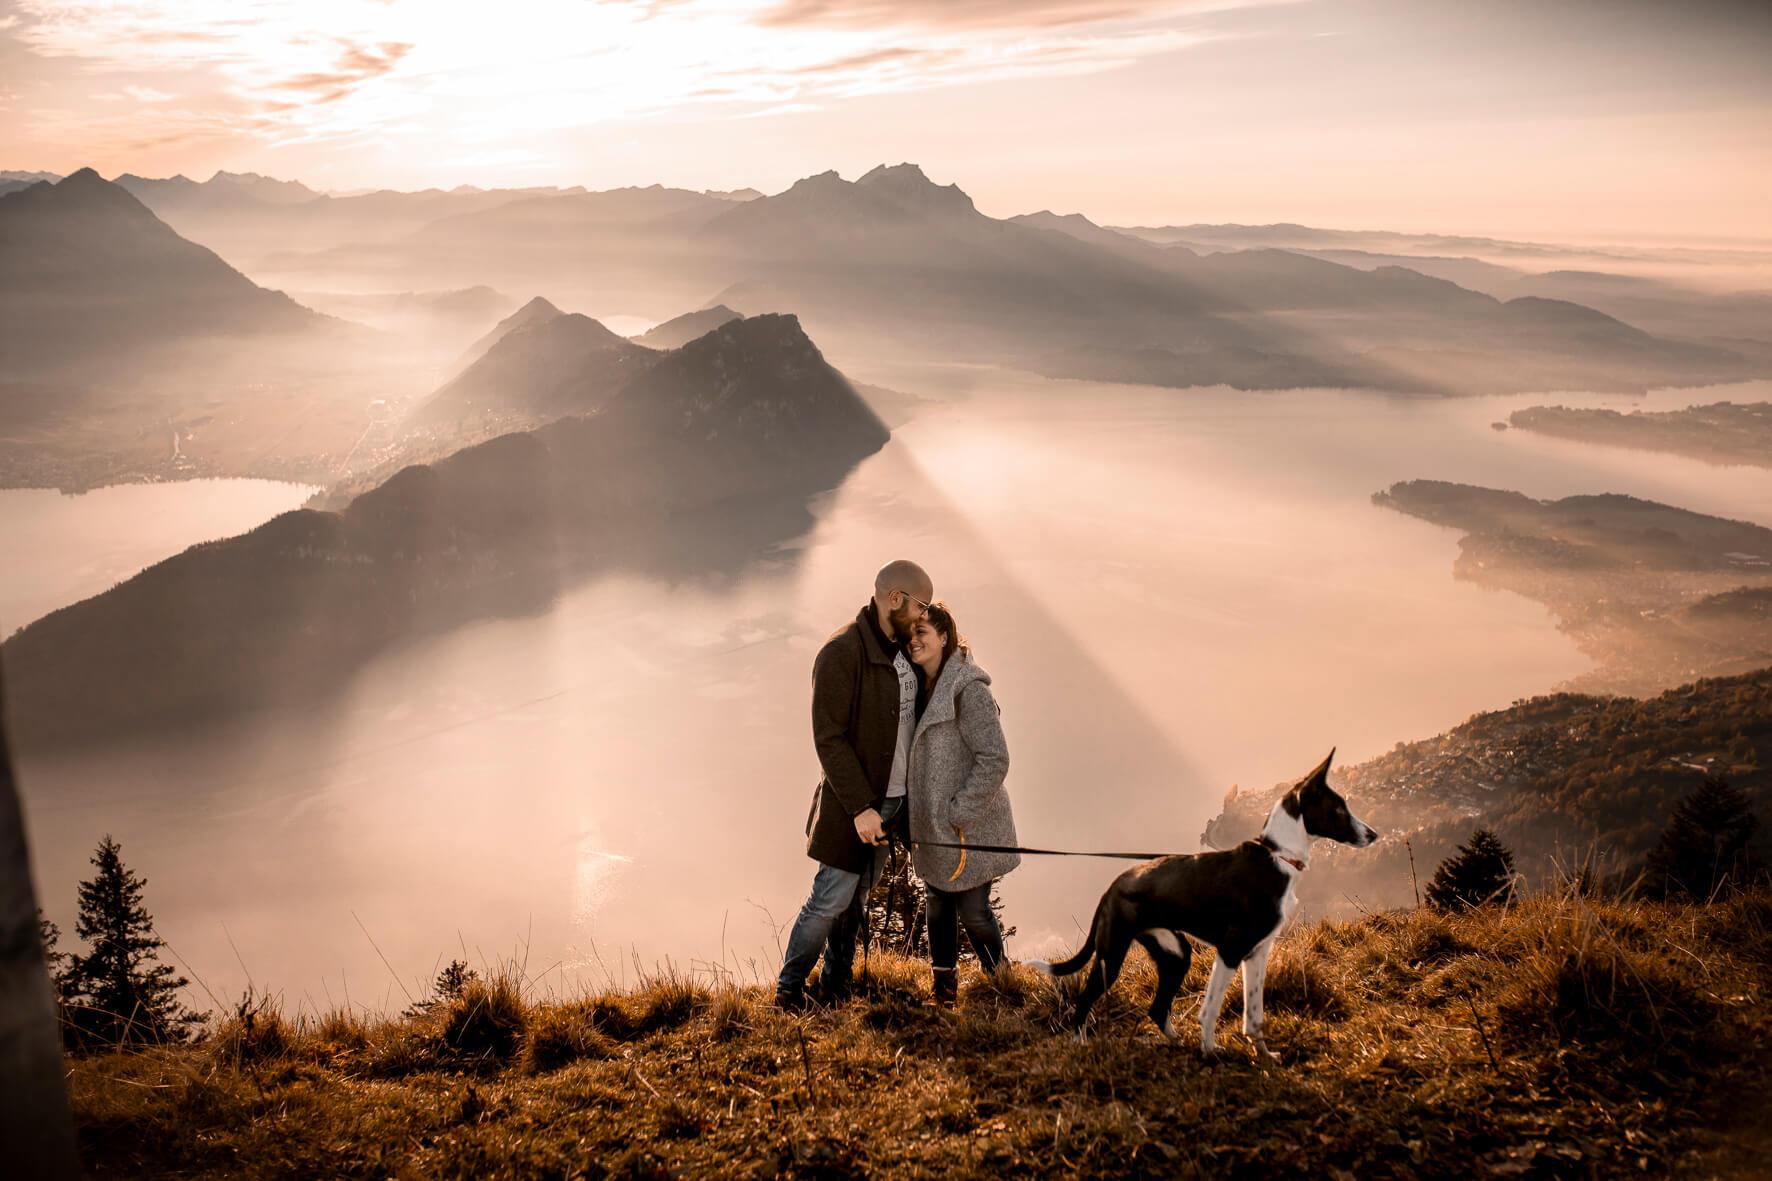 Ein Paar steht zusammen mit einem Podenco Hund auf einem Berggipfel. Im Hintergrund ist der Vierwaldstättersee, der Bürgenstock, das Stanserhorn und der Pilatus. Ein oranger Sonnenuntergang.